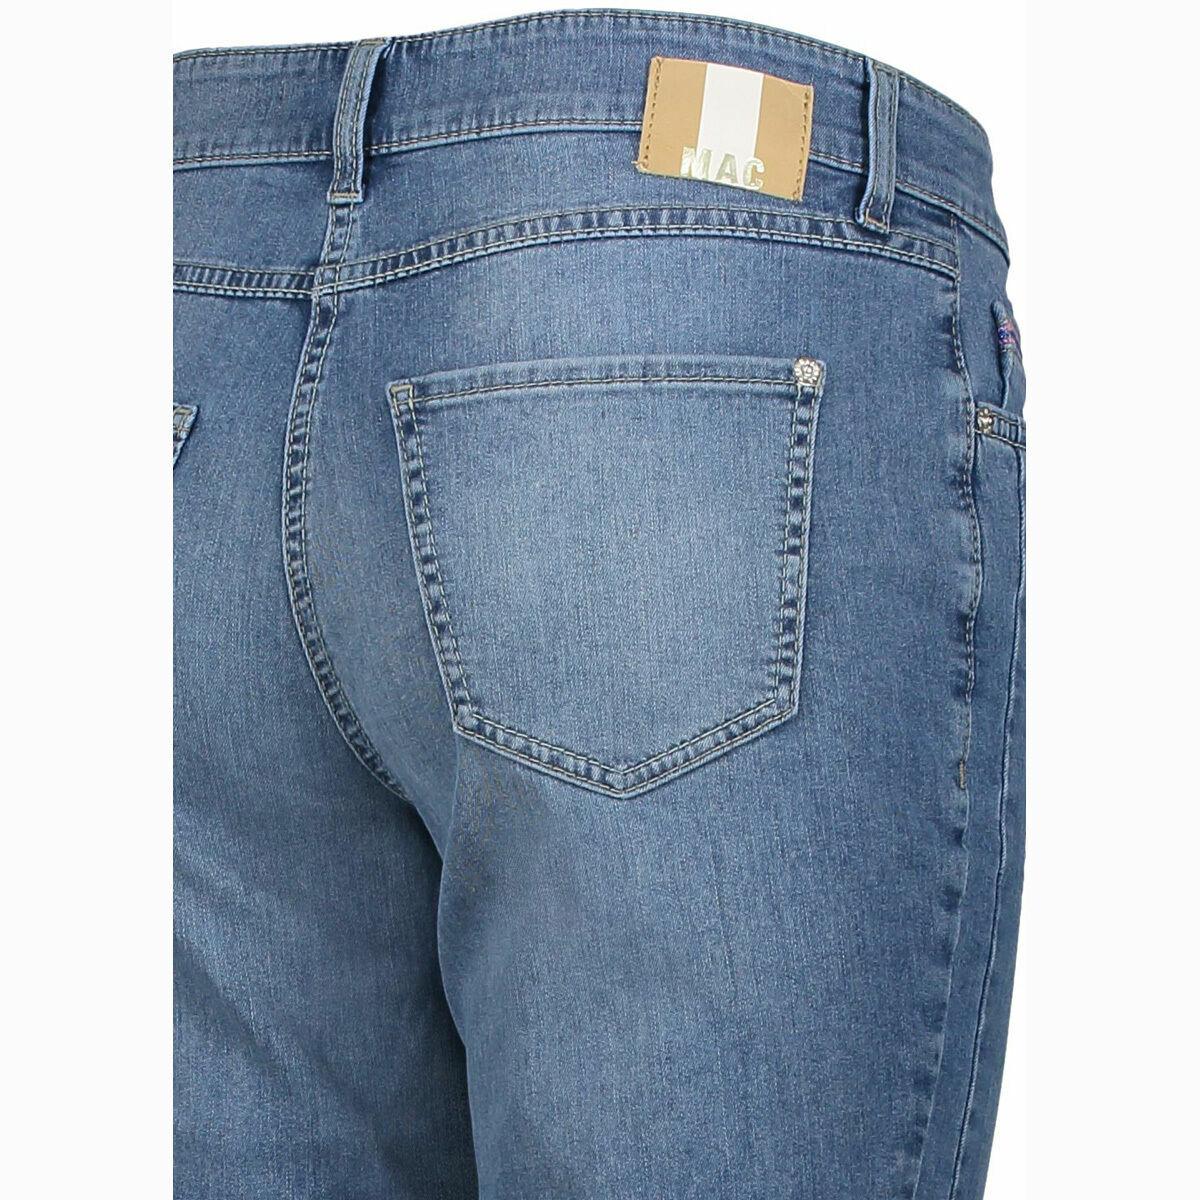 Bild 4 von Mac Damen Jeans, Feminine Fit, verkürzte Form